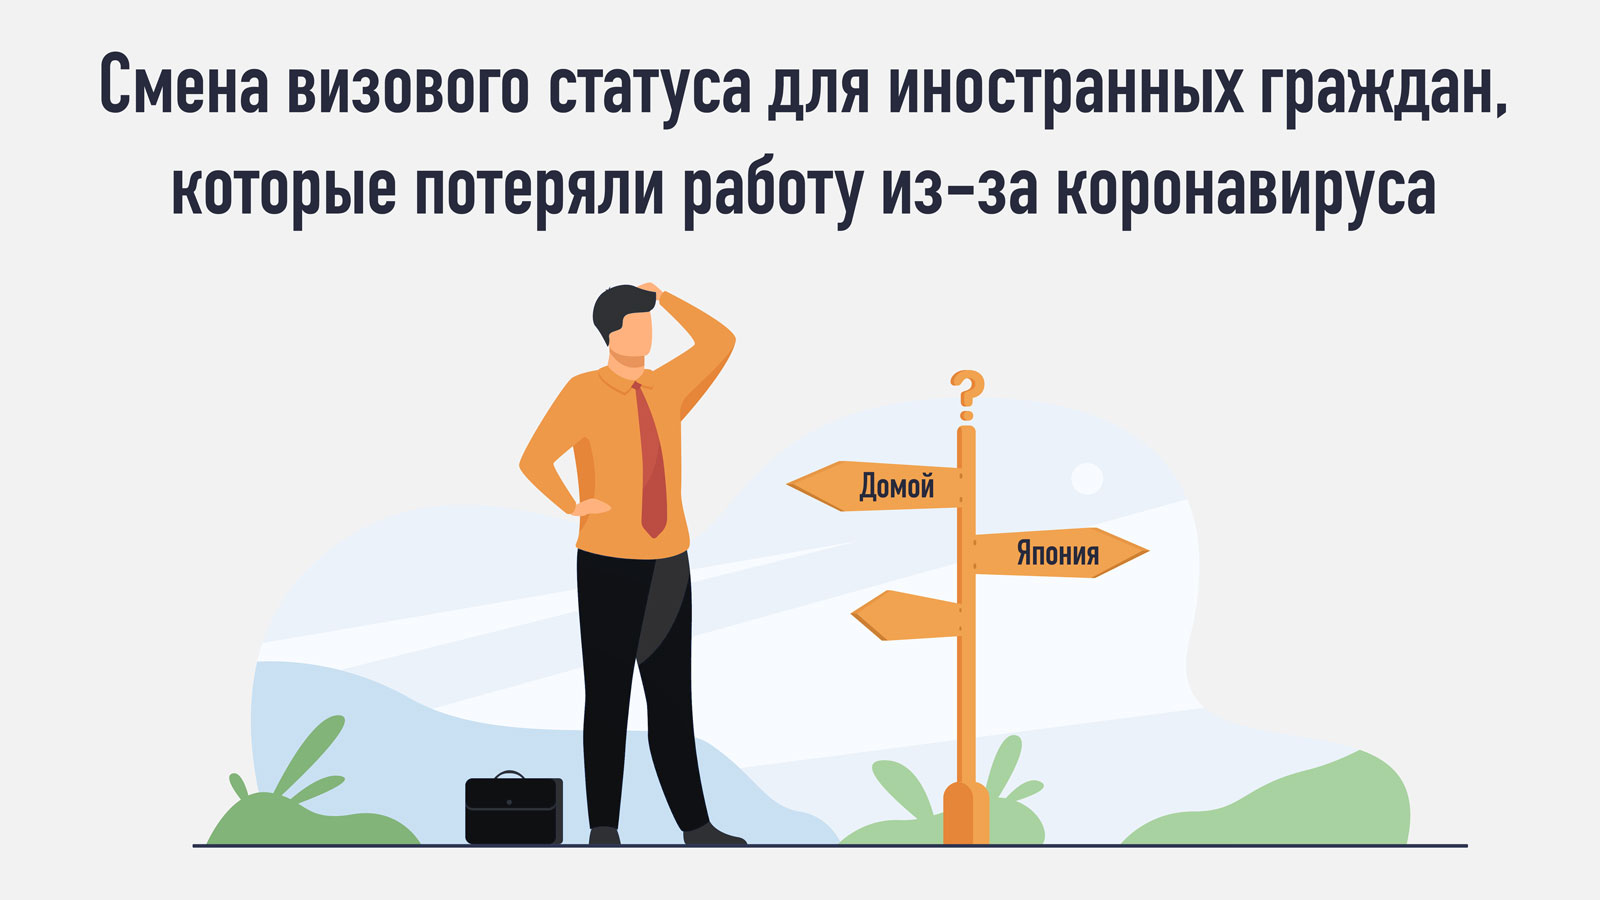 Смена визового статуса для иностранных граждан, которые потеряли работу из-за коронавируса